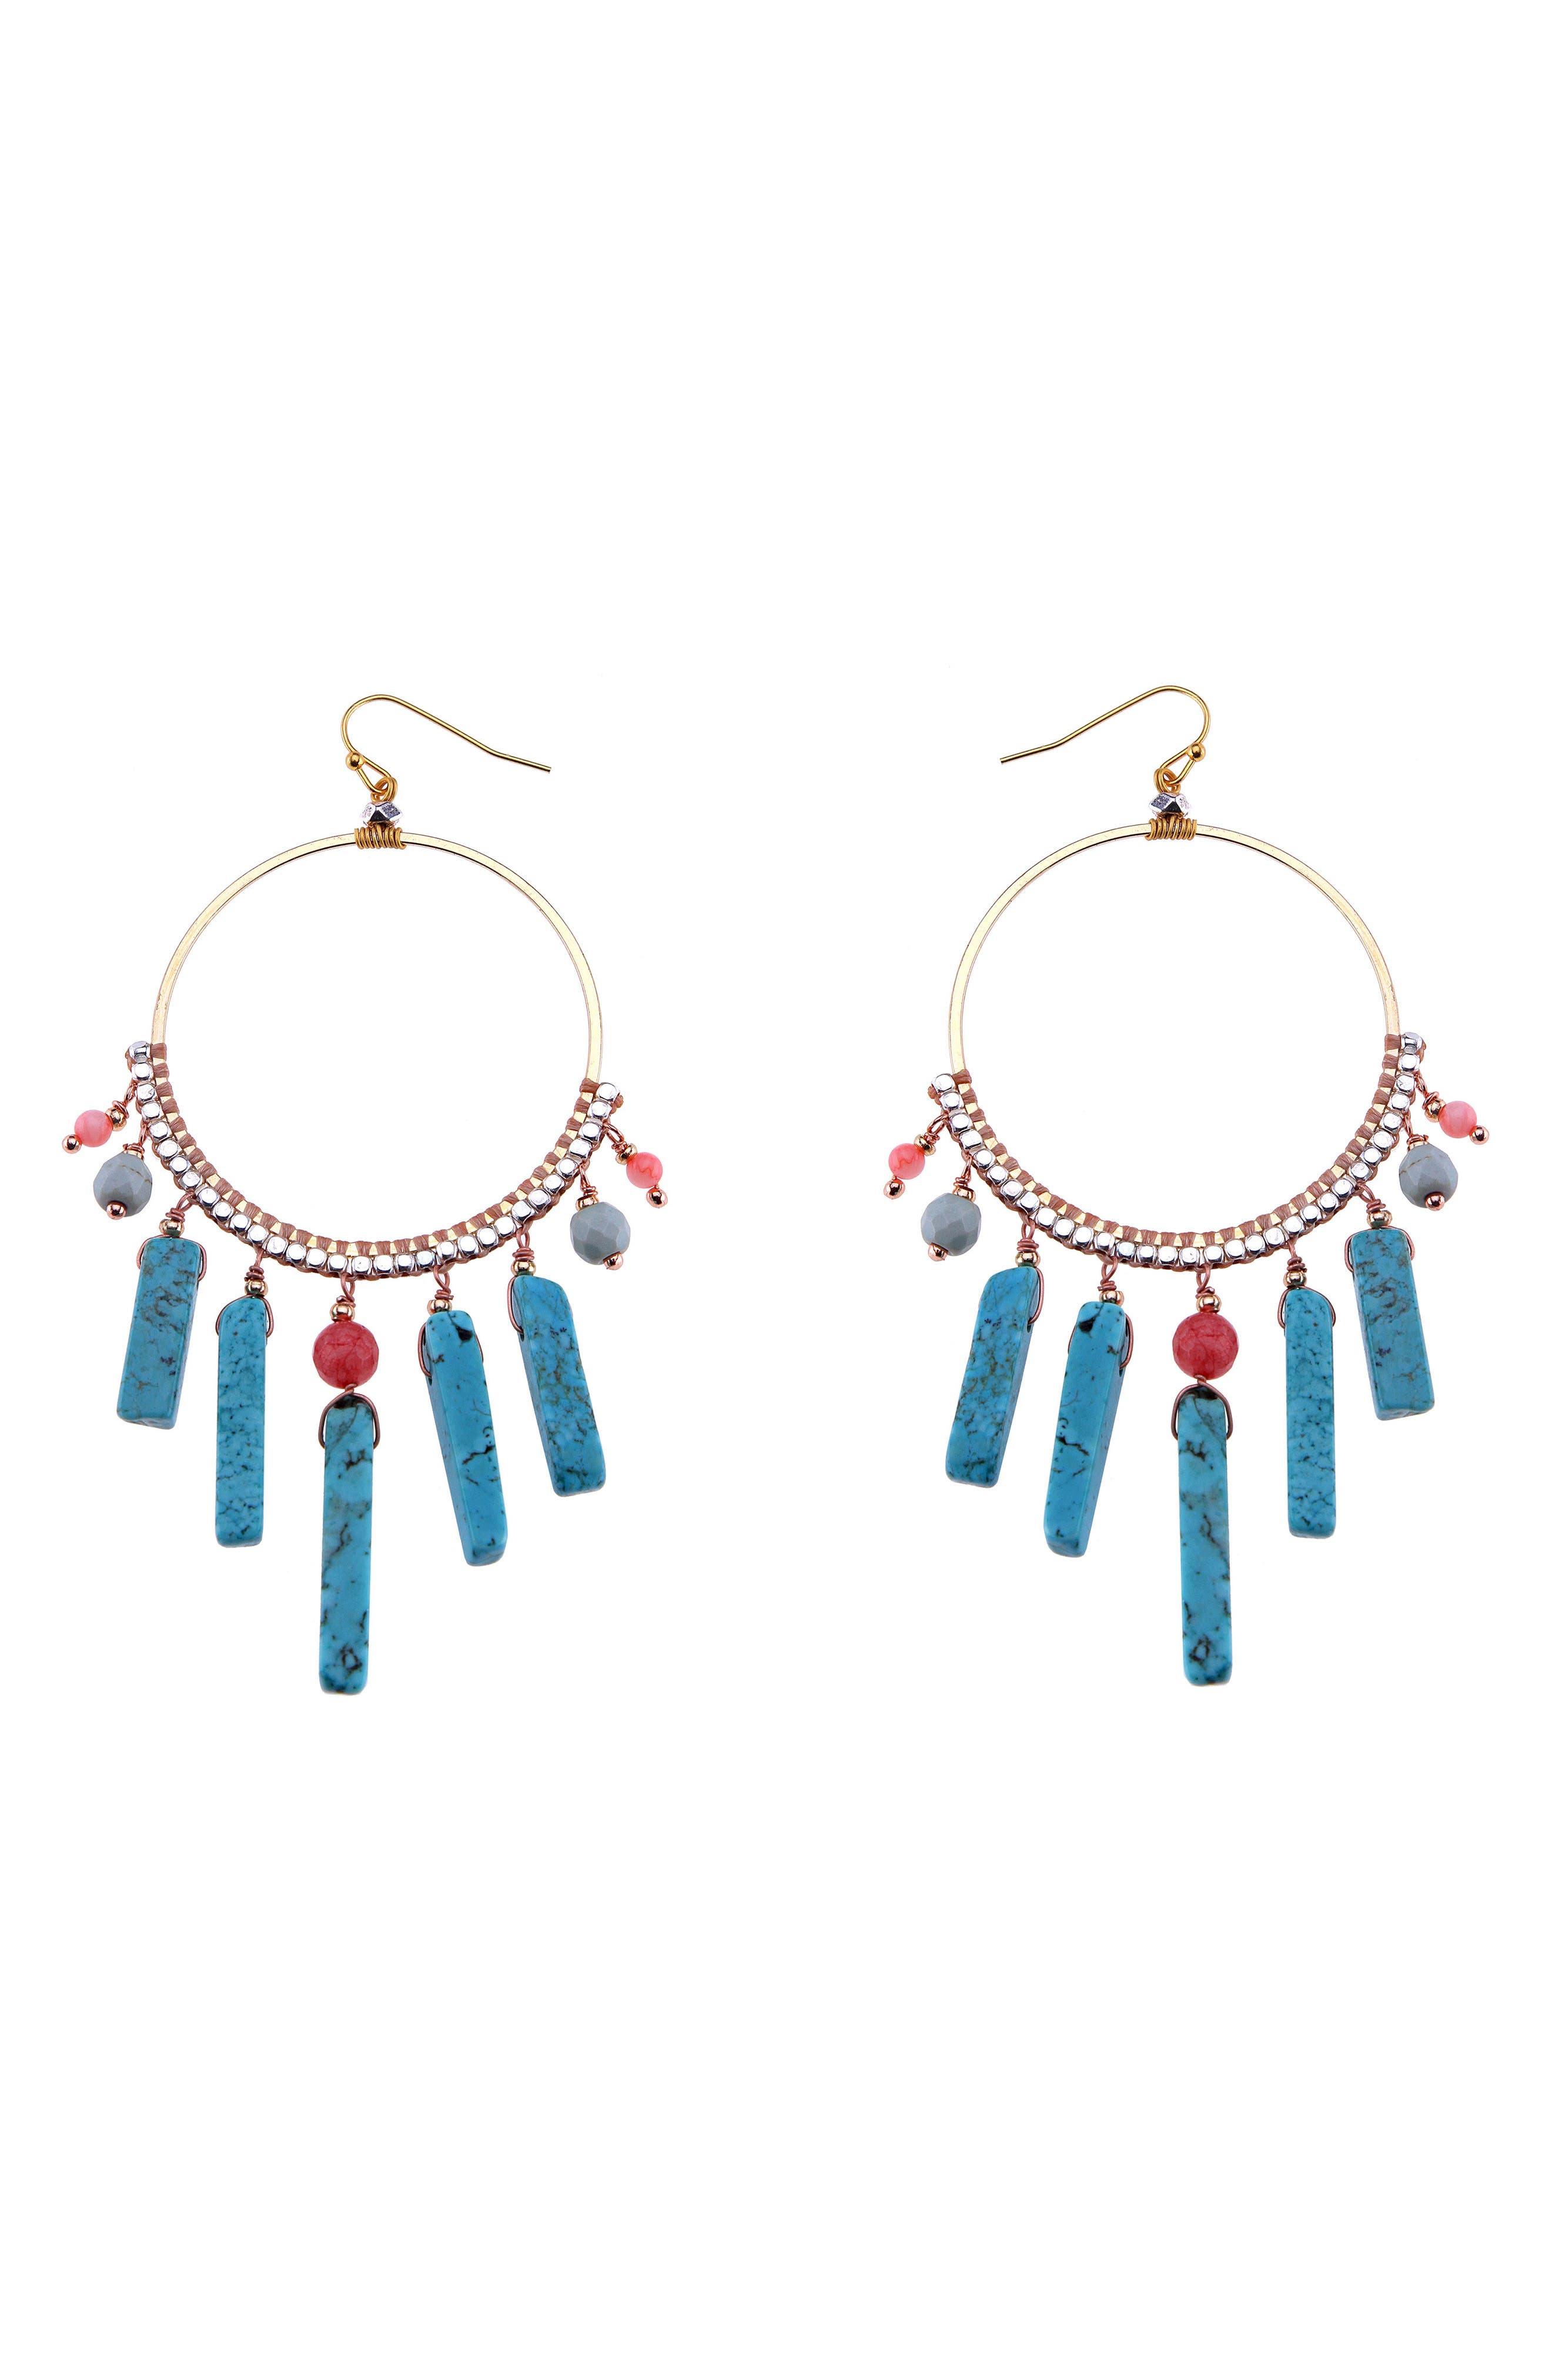 Howlite & Crystal Hoop Earrings,                         Main,                         color, Turquoise